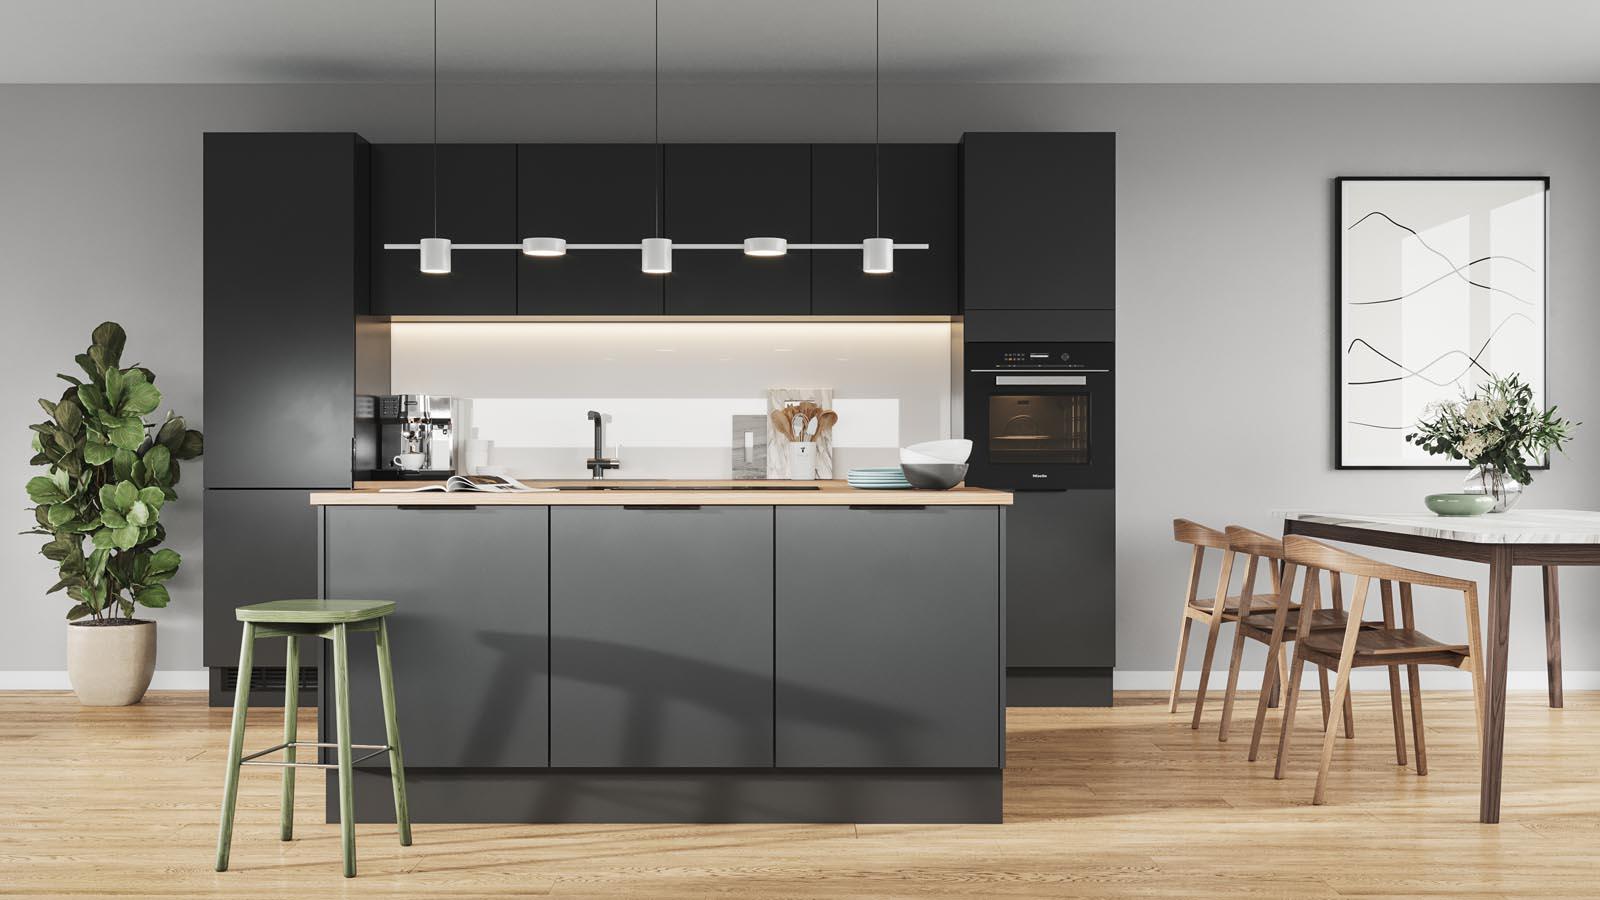 Sort minimalistisk og tidsriktig kjøkken